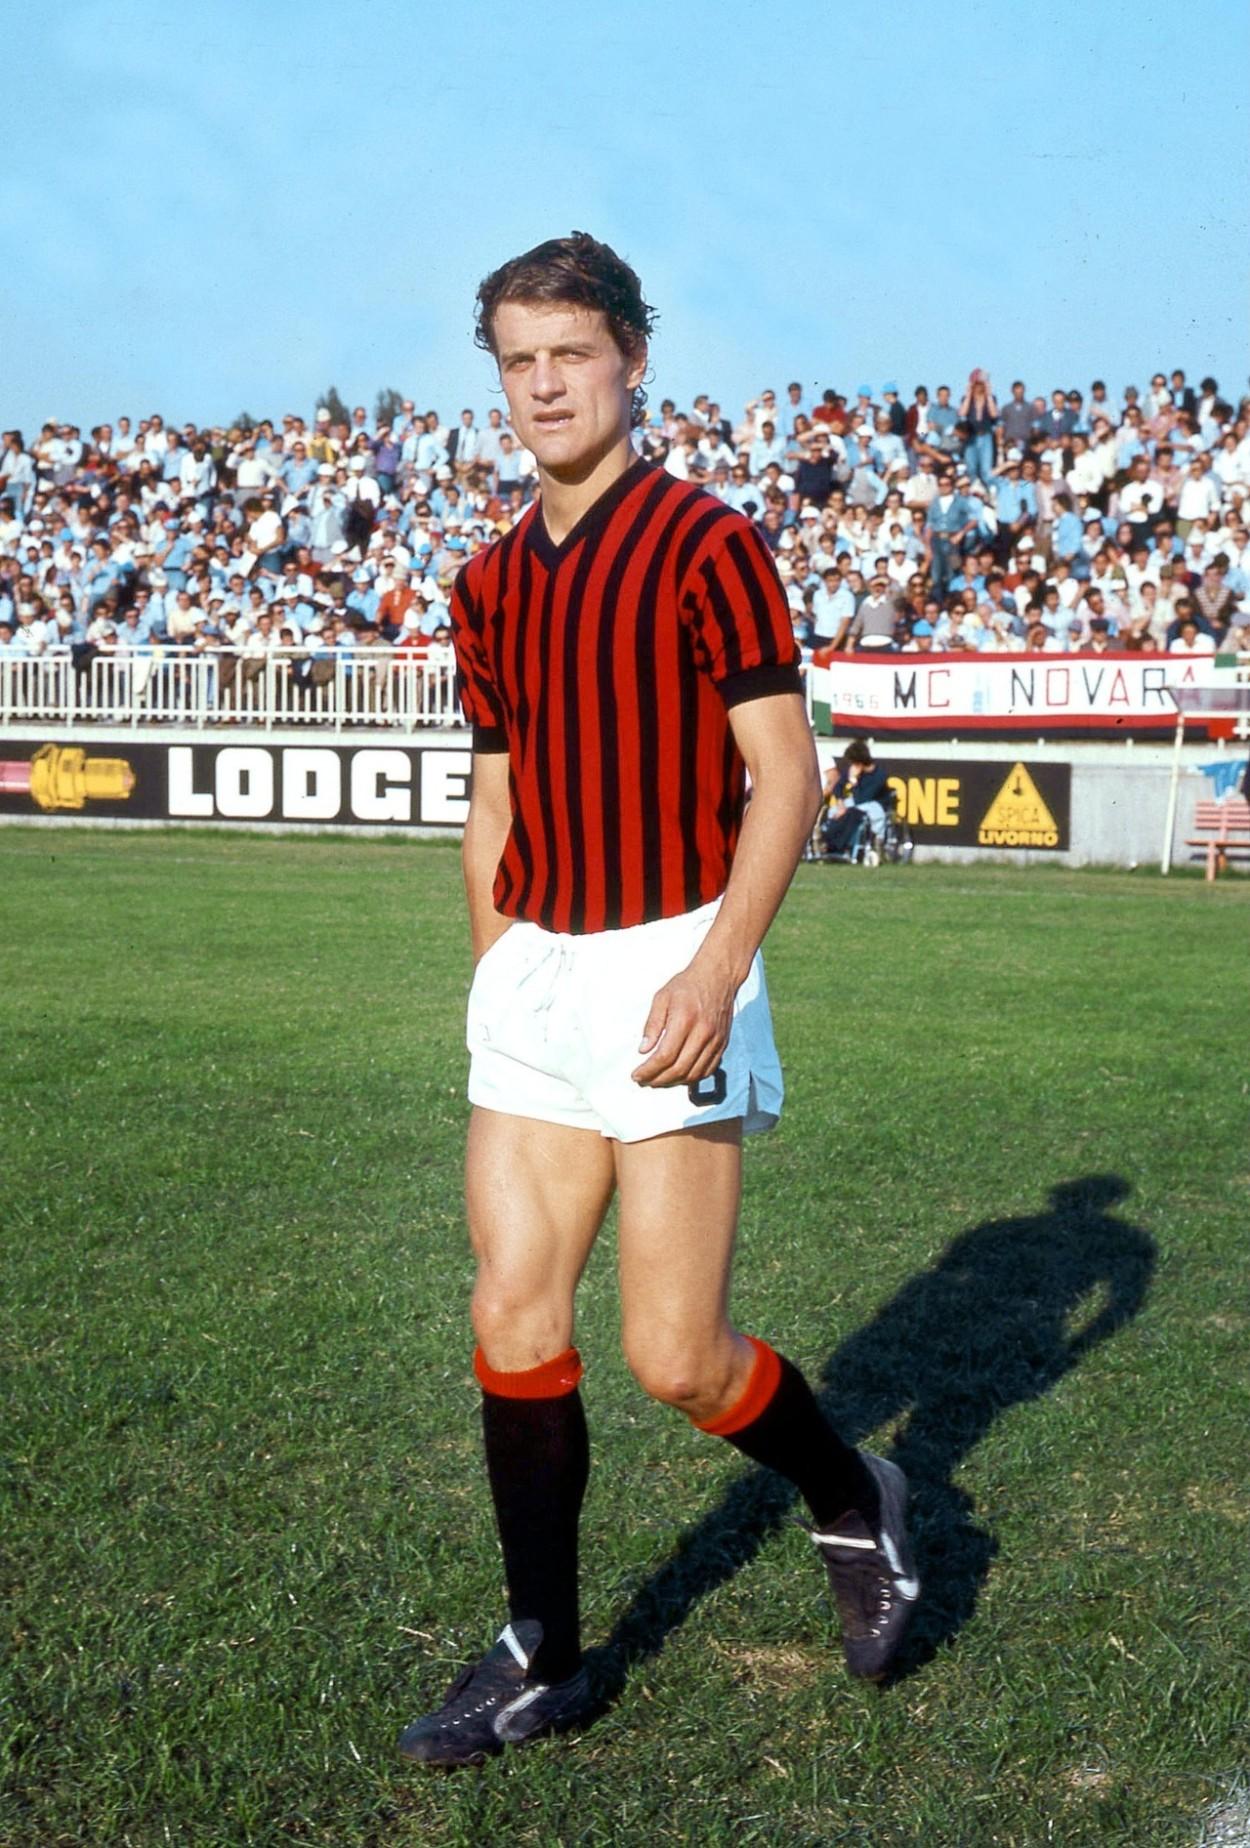 Colori e simboli dell'Associazione Calcio Milan - Wikipedia